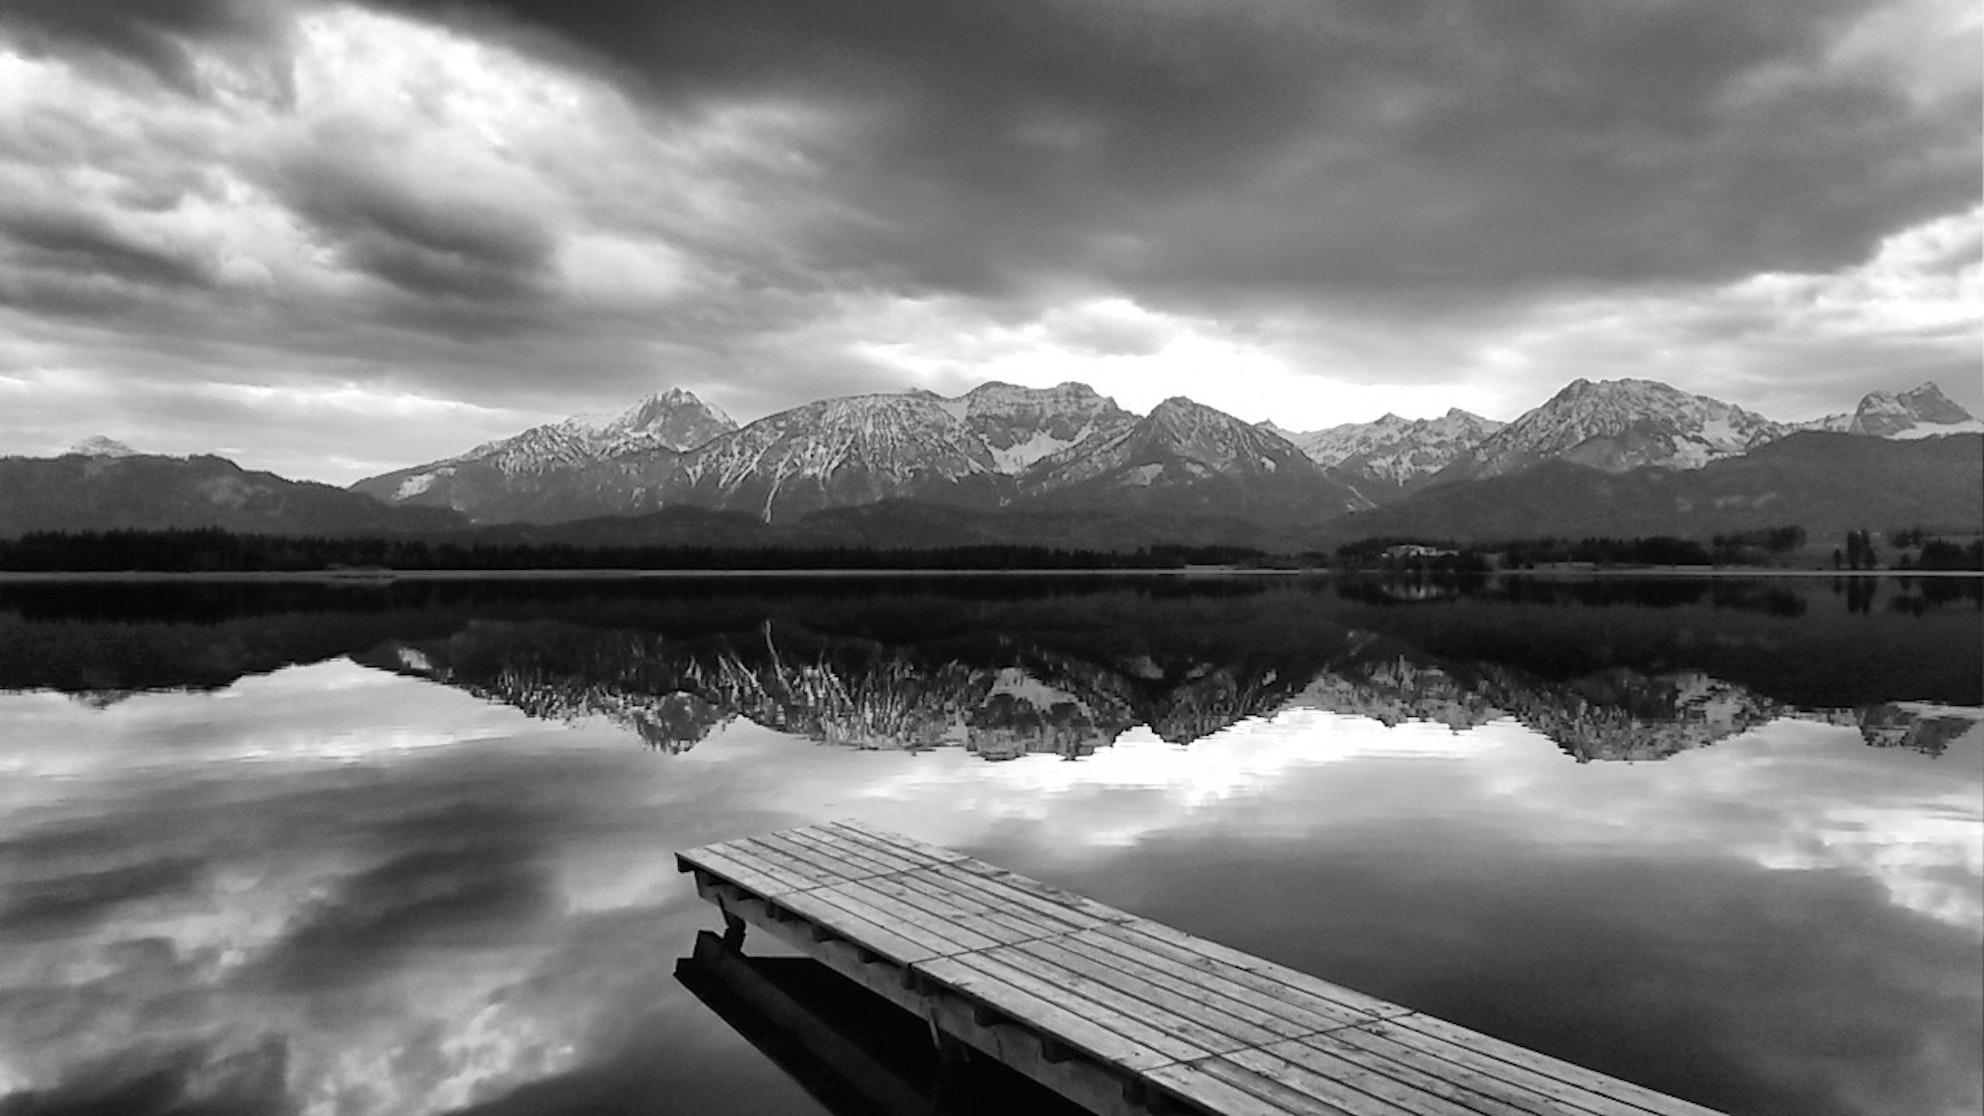 Hình nền phong cảnh trắng đen